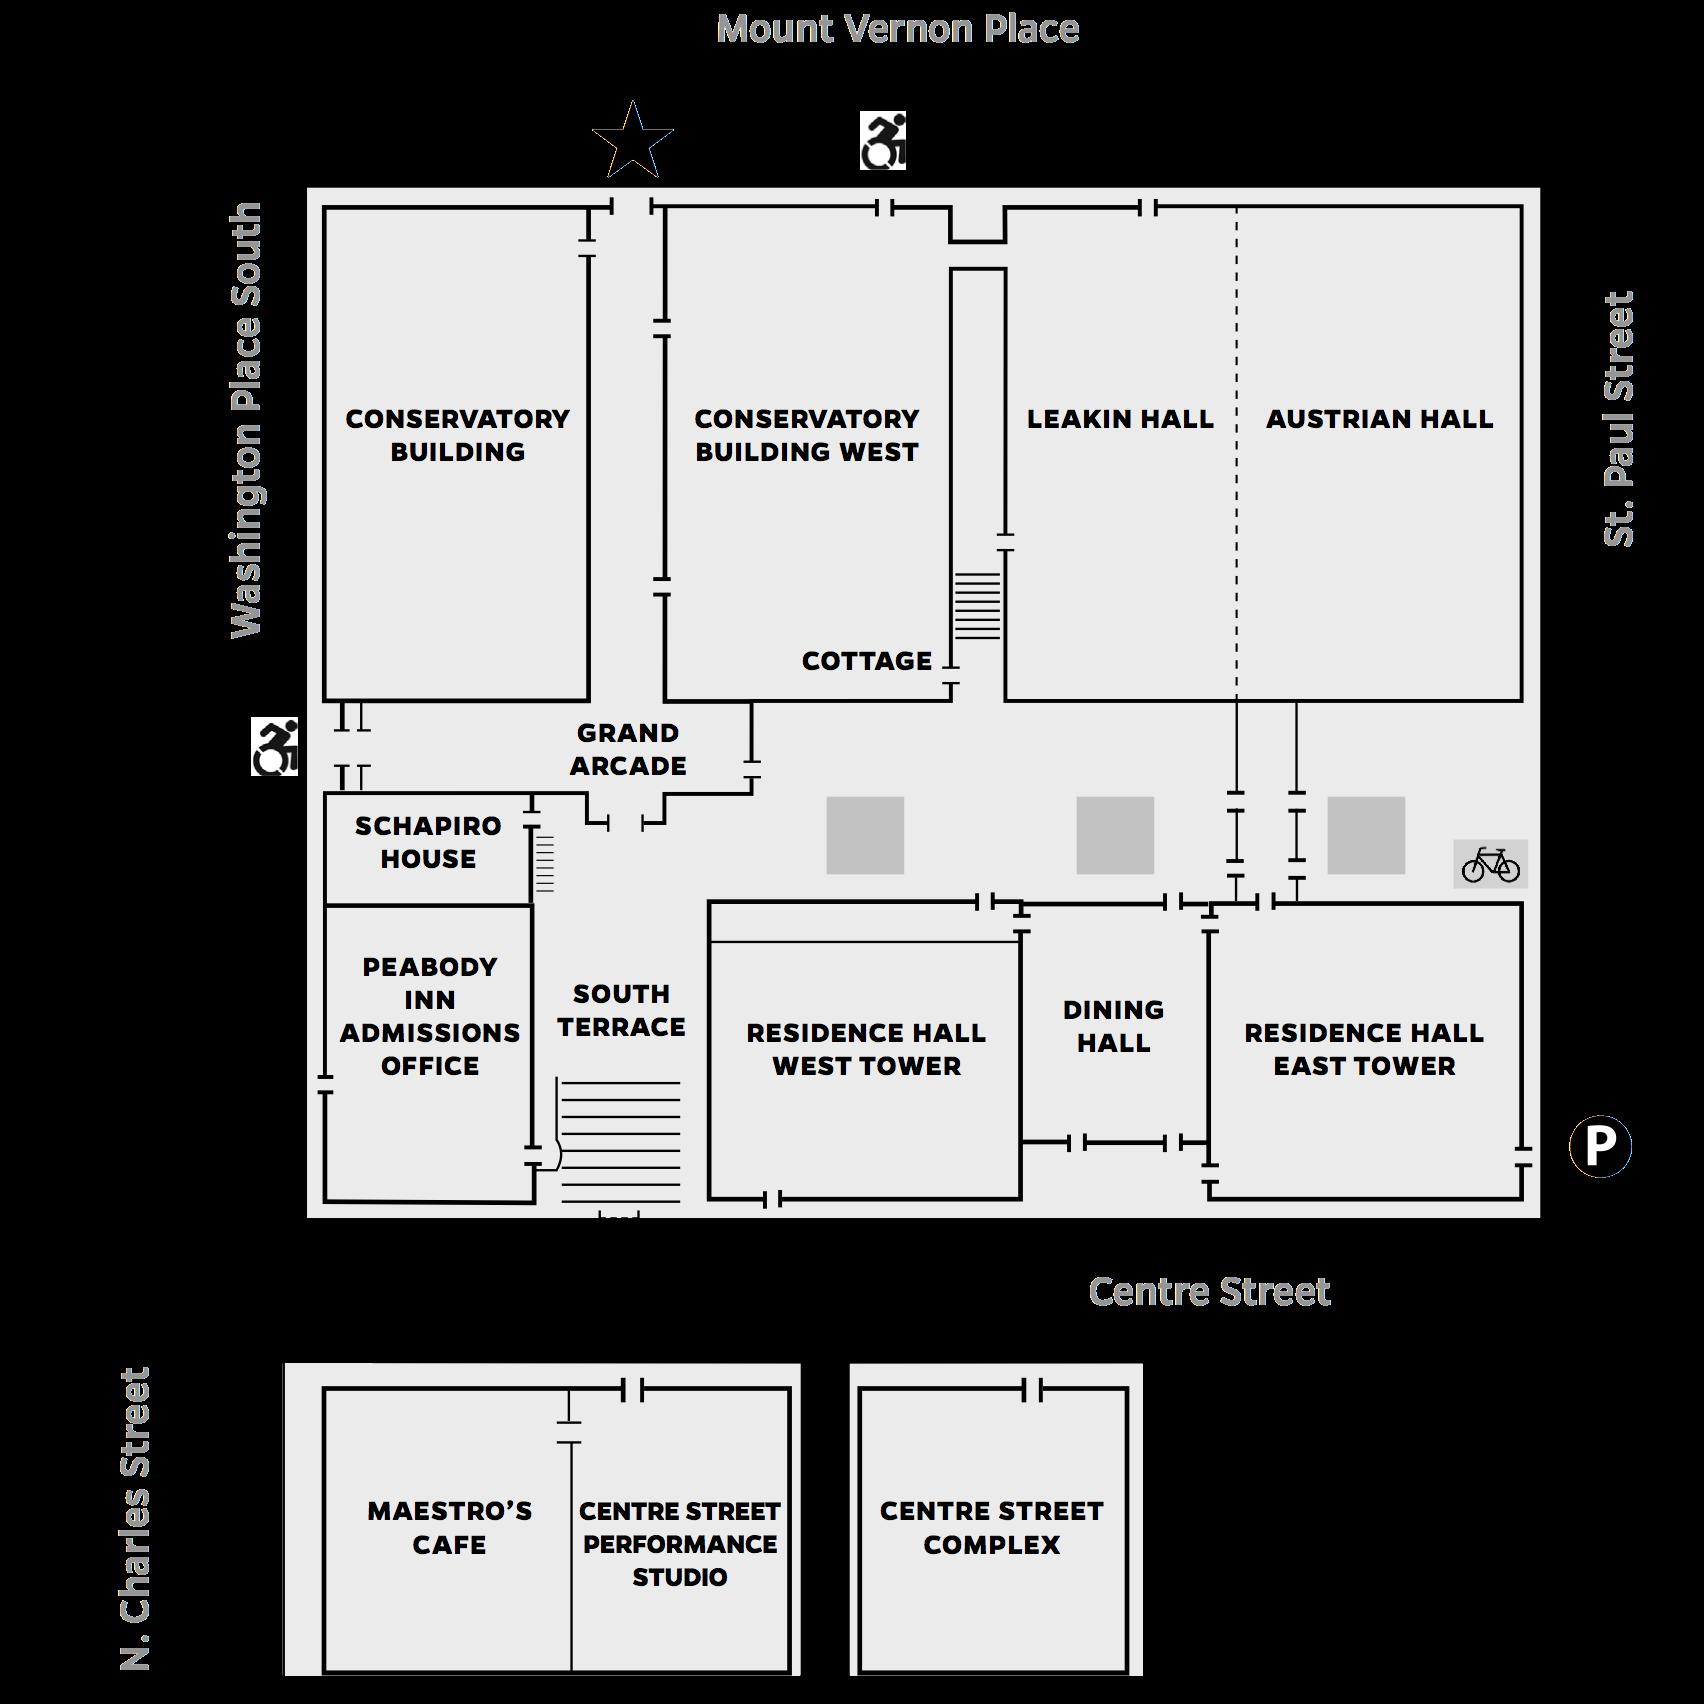 Peabody Campus Map